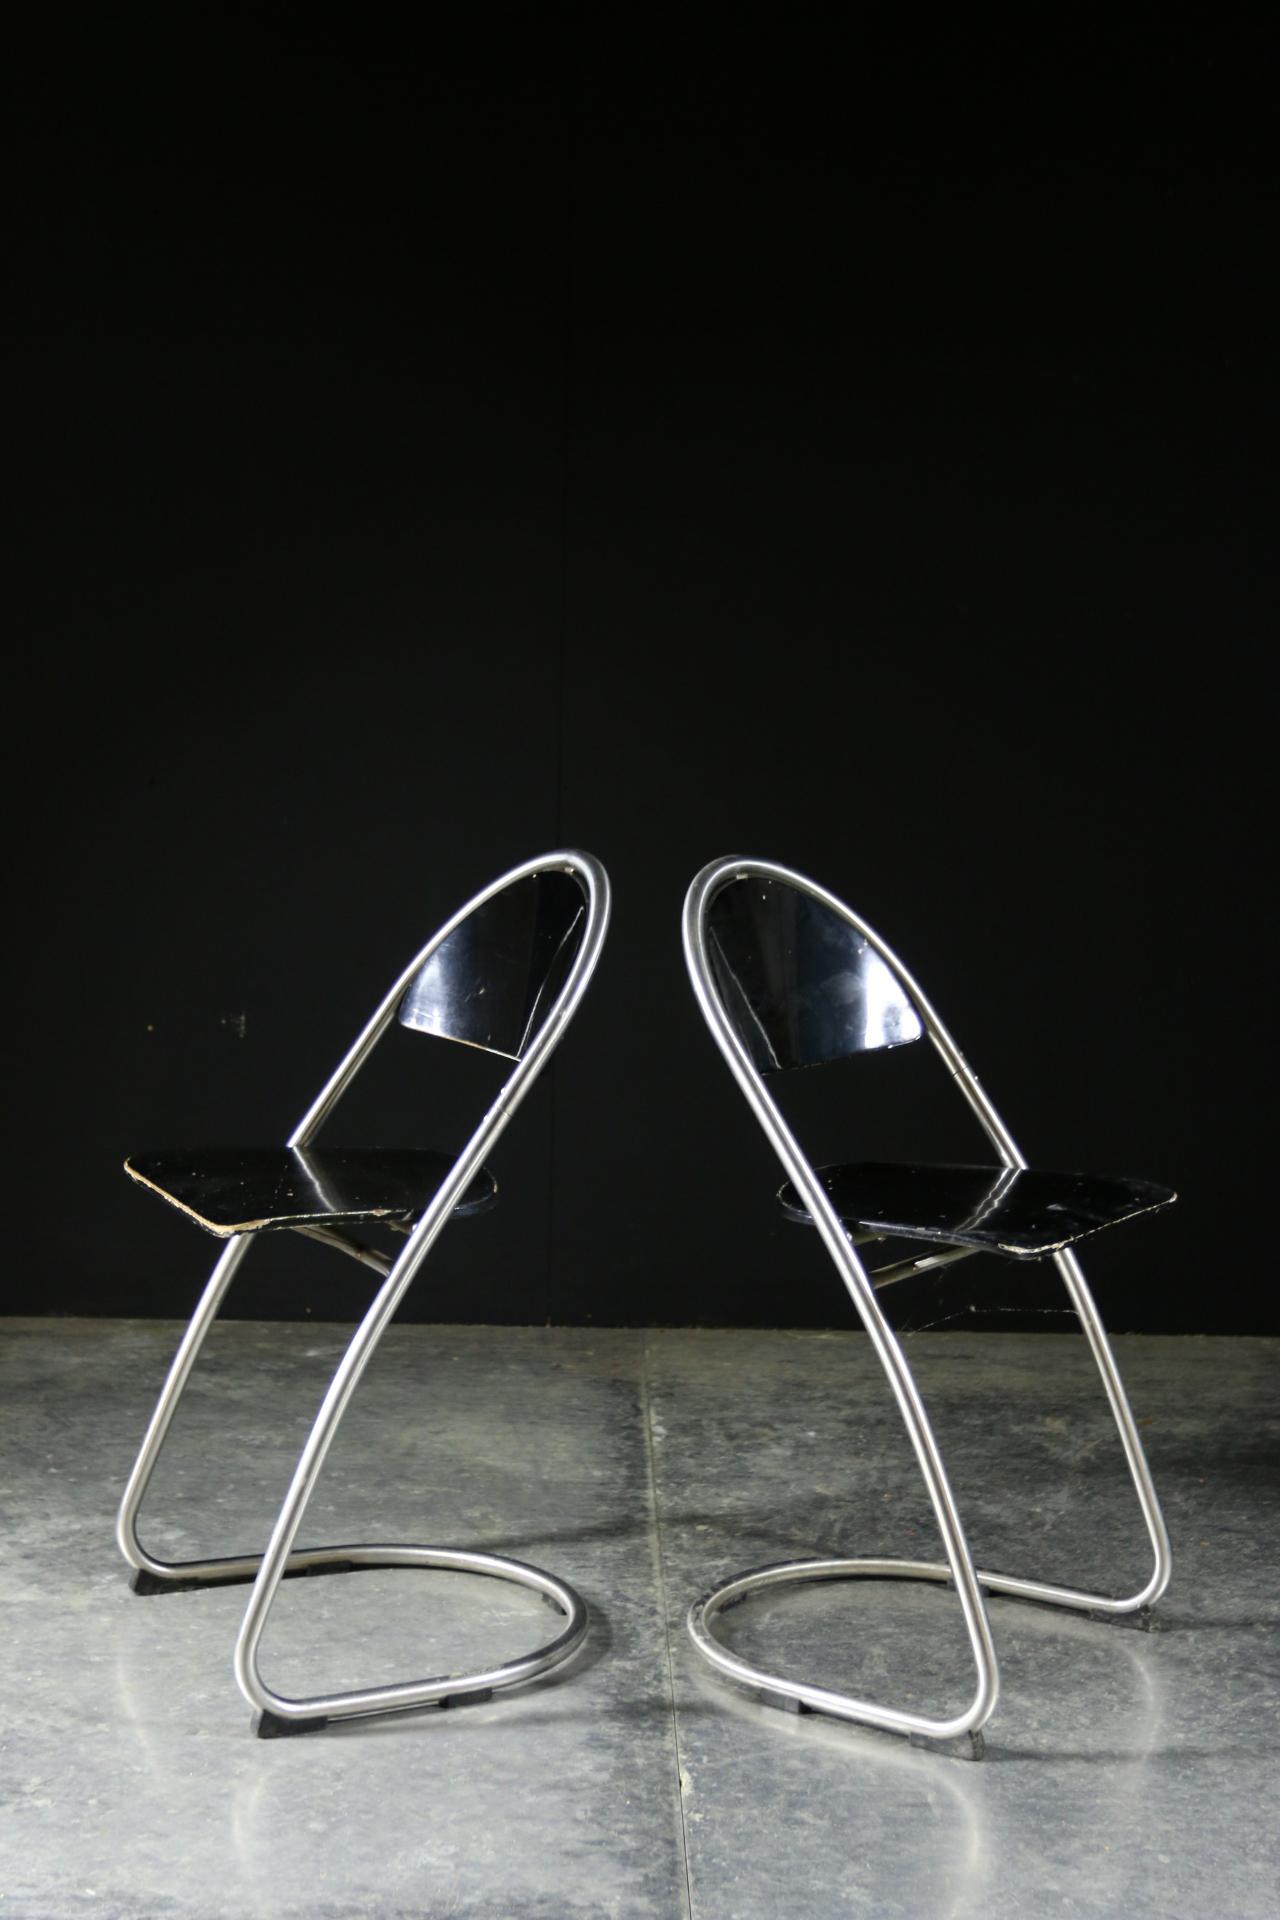 Bijzondere Design Stoelen.Zeer Bijzondere Vintage Design Buisframe Stoelen Dehuiszwaluw